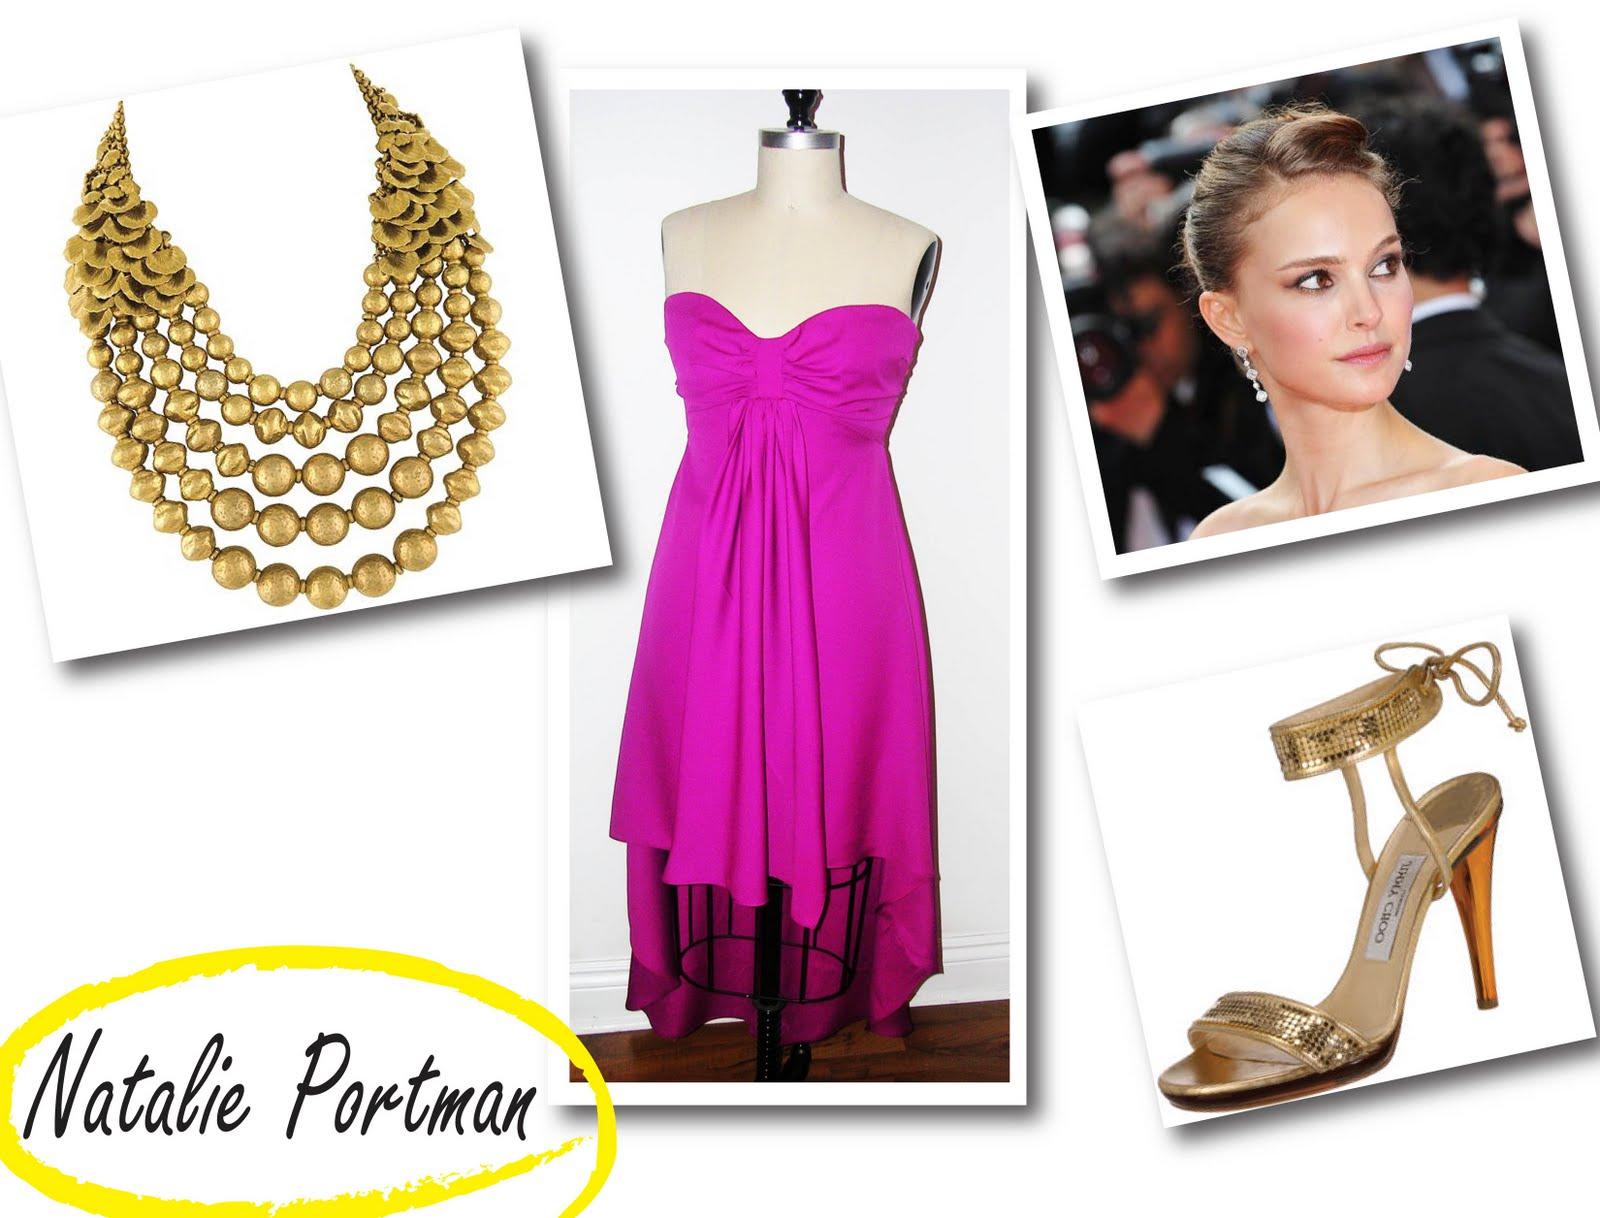 http://4.bp.blogspot.com/_PvI3N8MR0aE/TIqUWn_lm9I/AAAAAAAAAqk/joHm8g5uYXM/s1600/Natalie+Portman.jpg